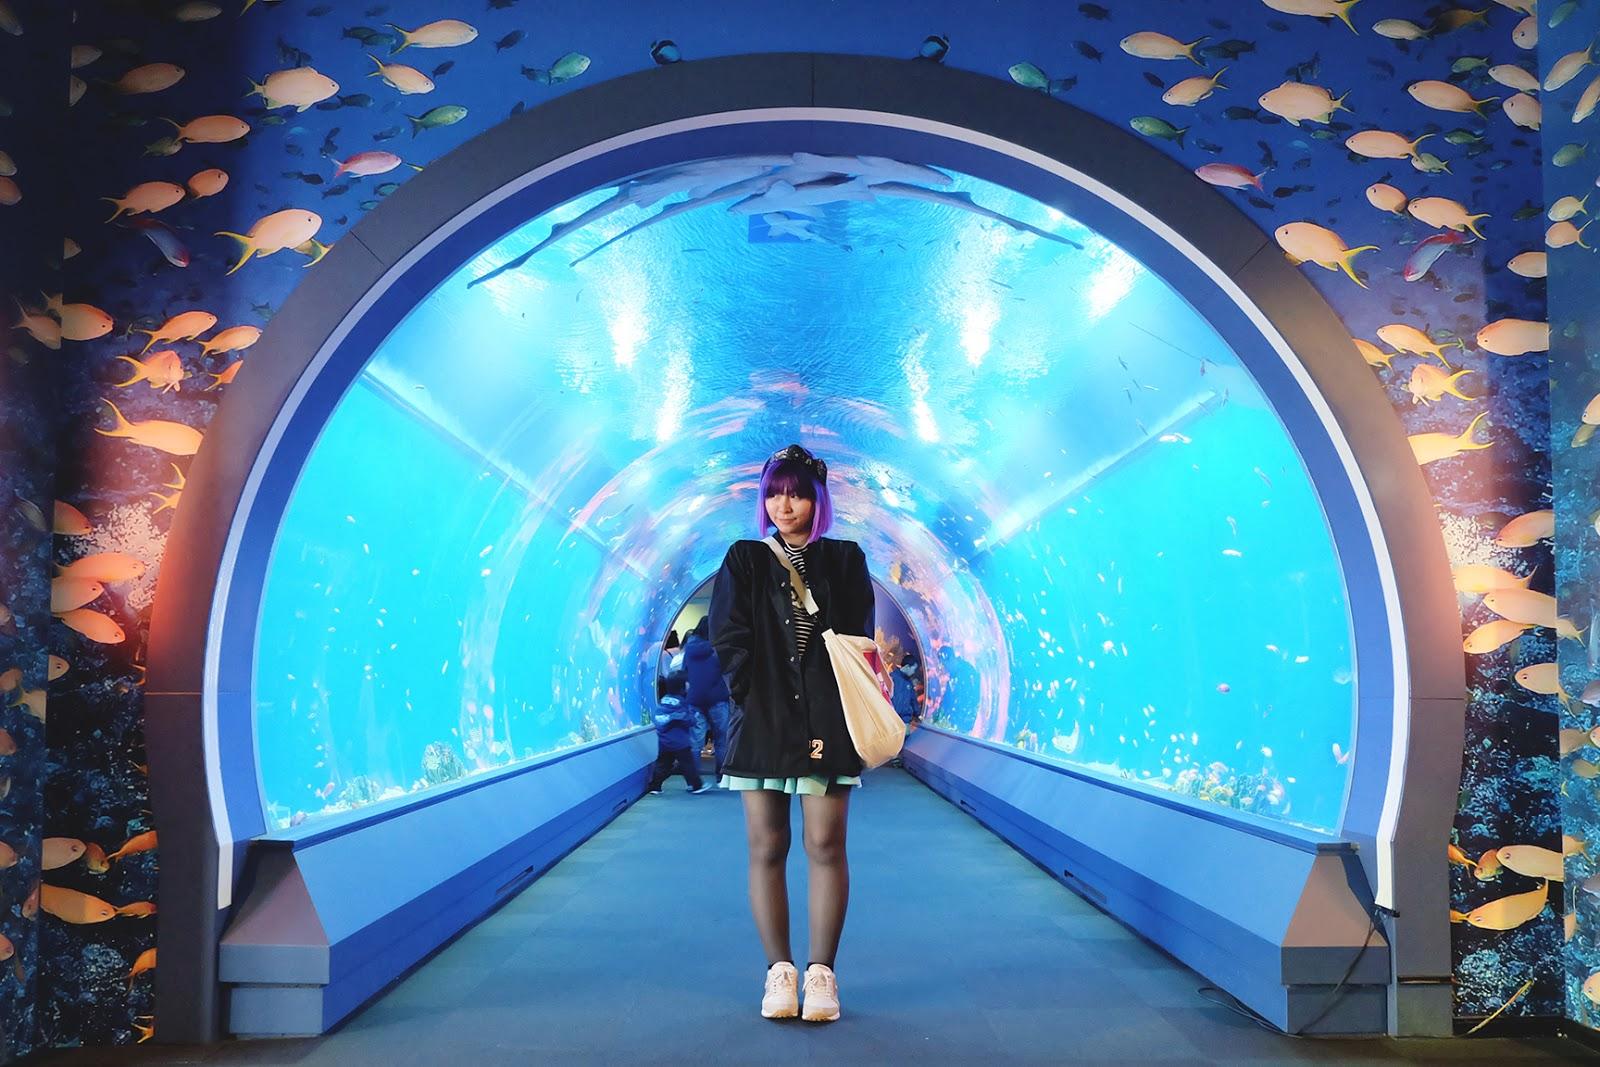 Osaka Aquarium Kaiyukan Aqua Gate | www.bigdreamerblog.com